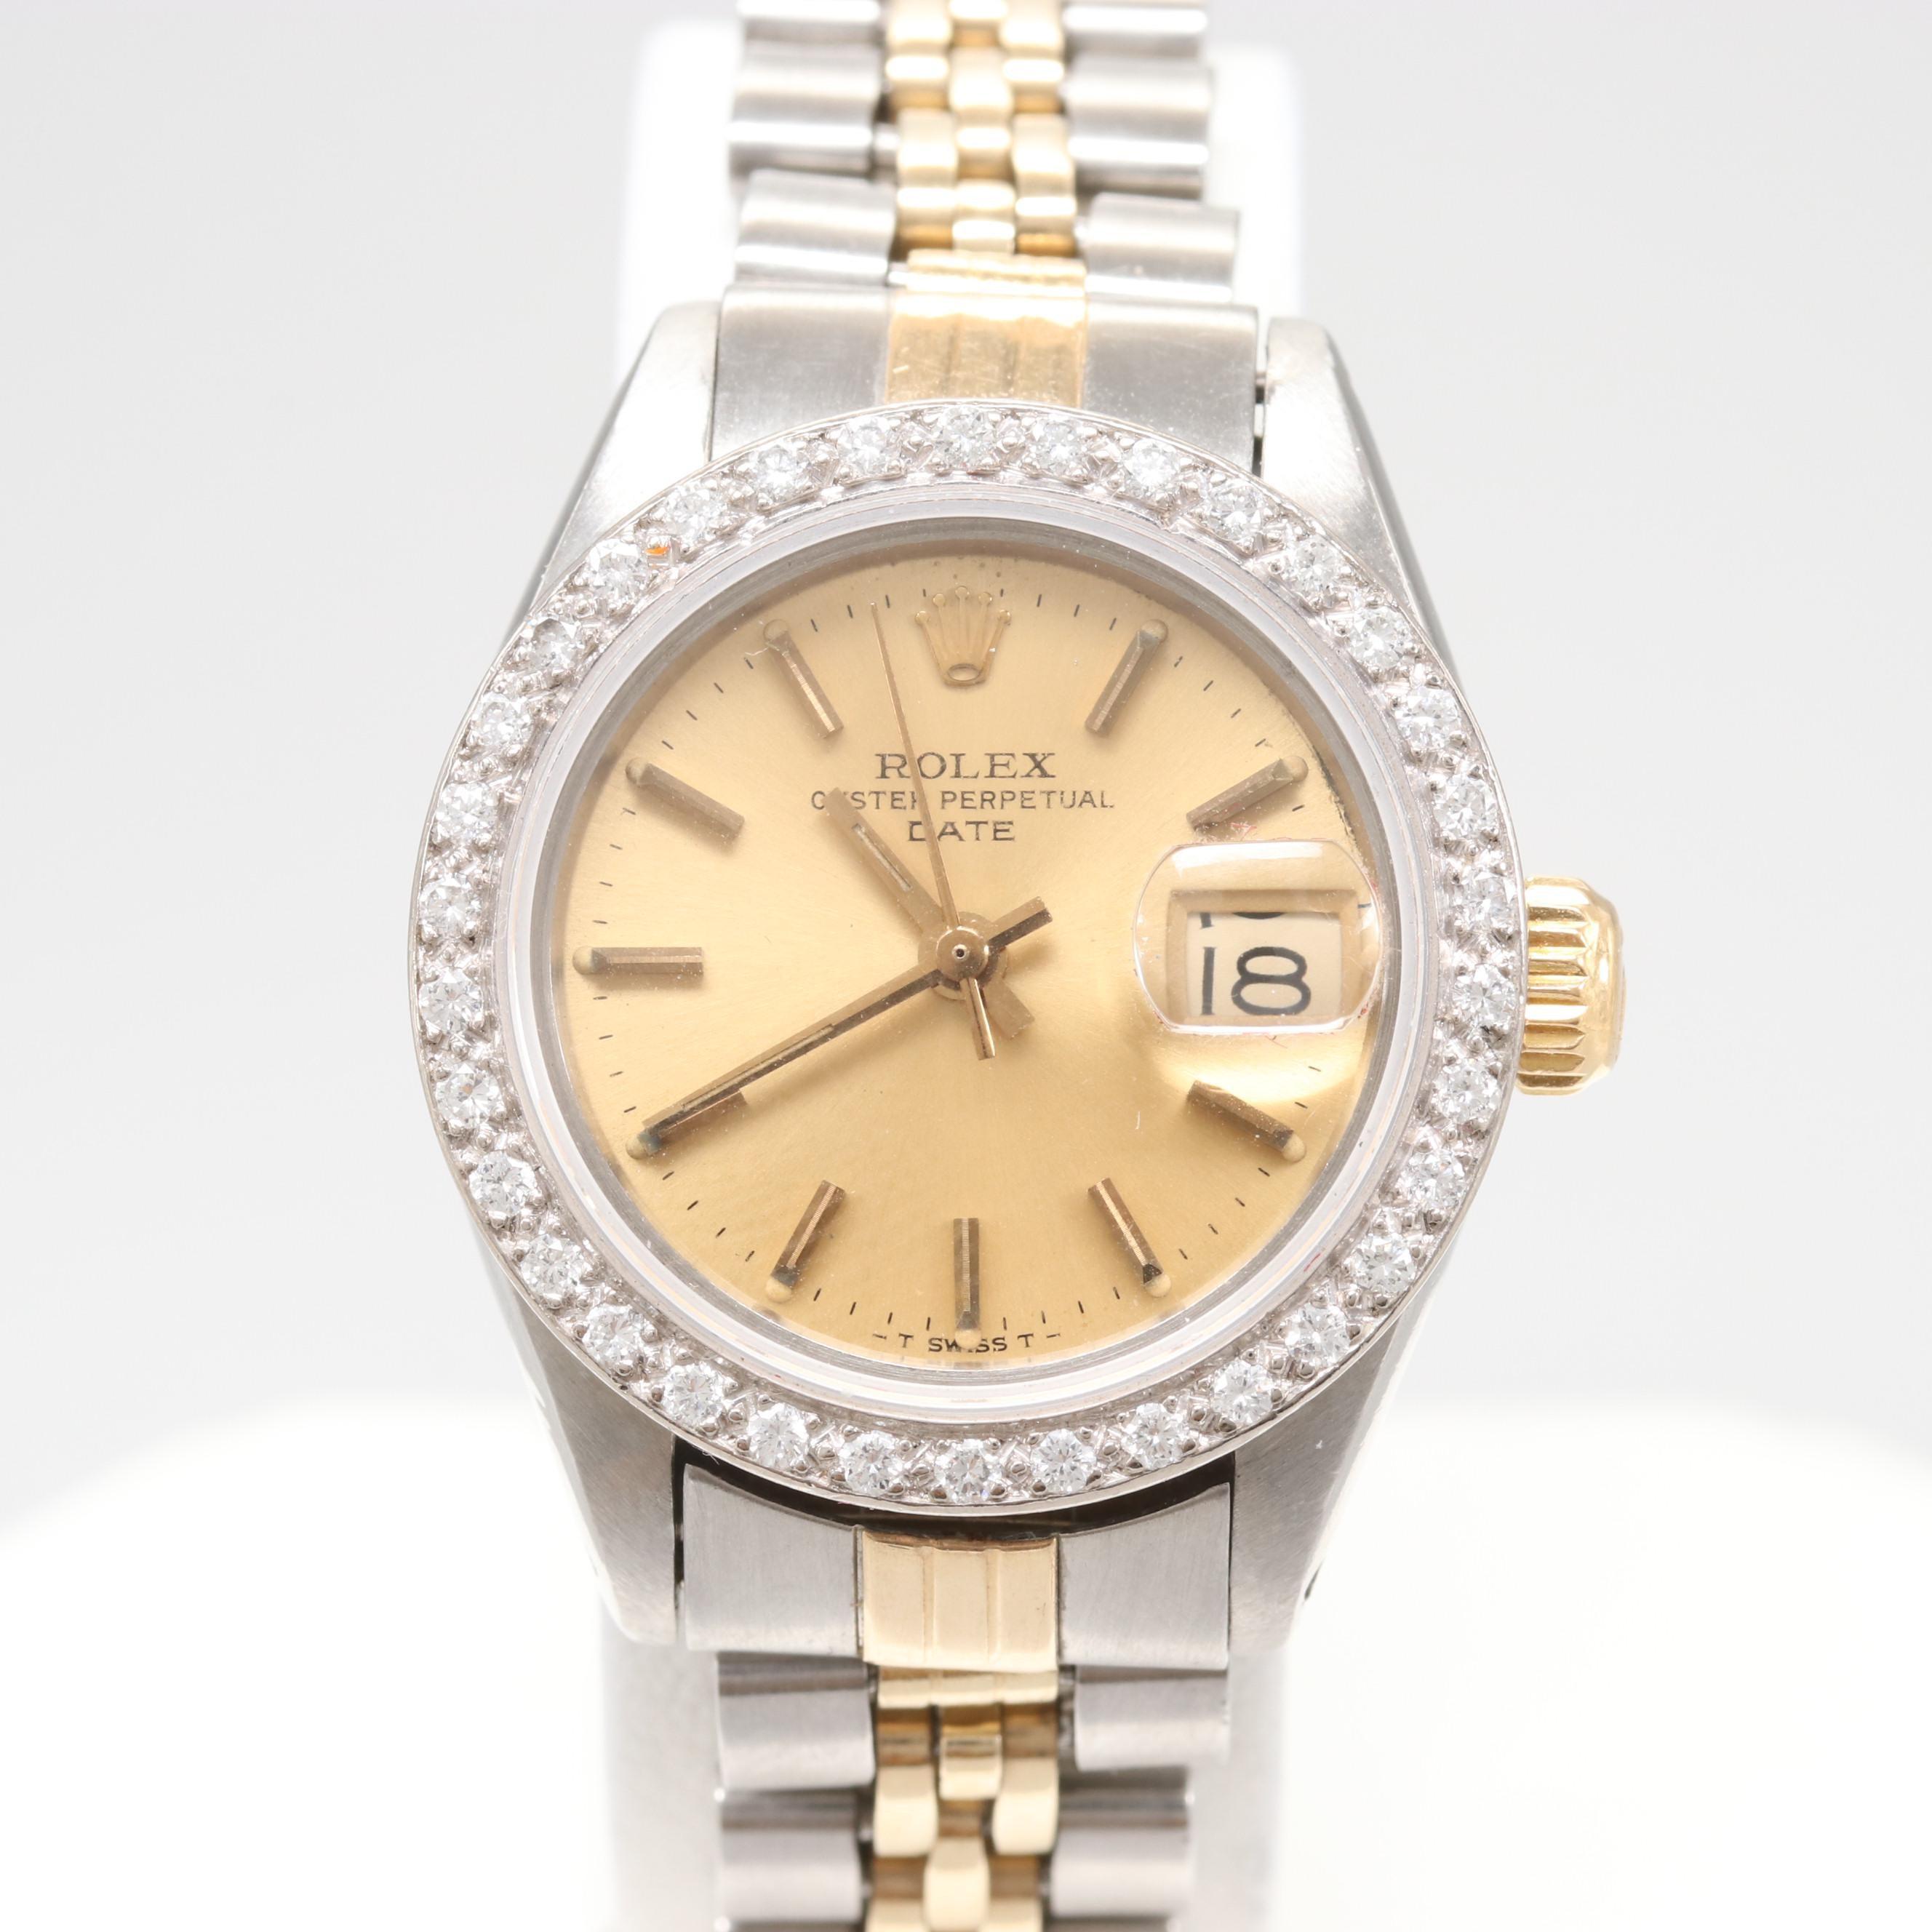 Circa 1978 Rolex Two-Tone Diamond Rolex Wristwatch